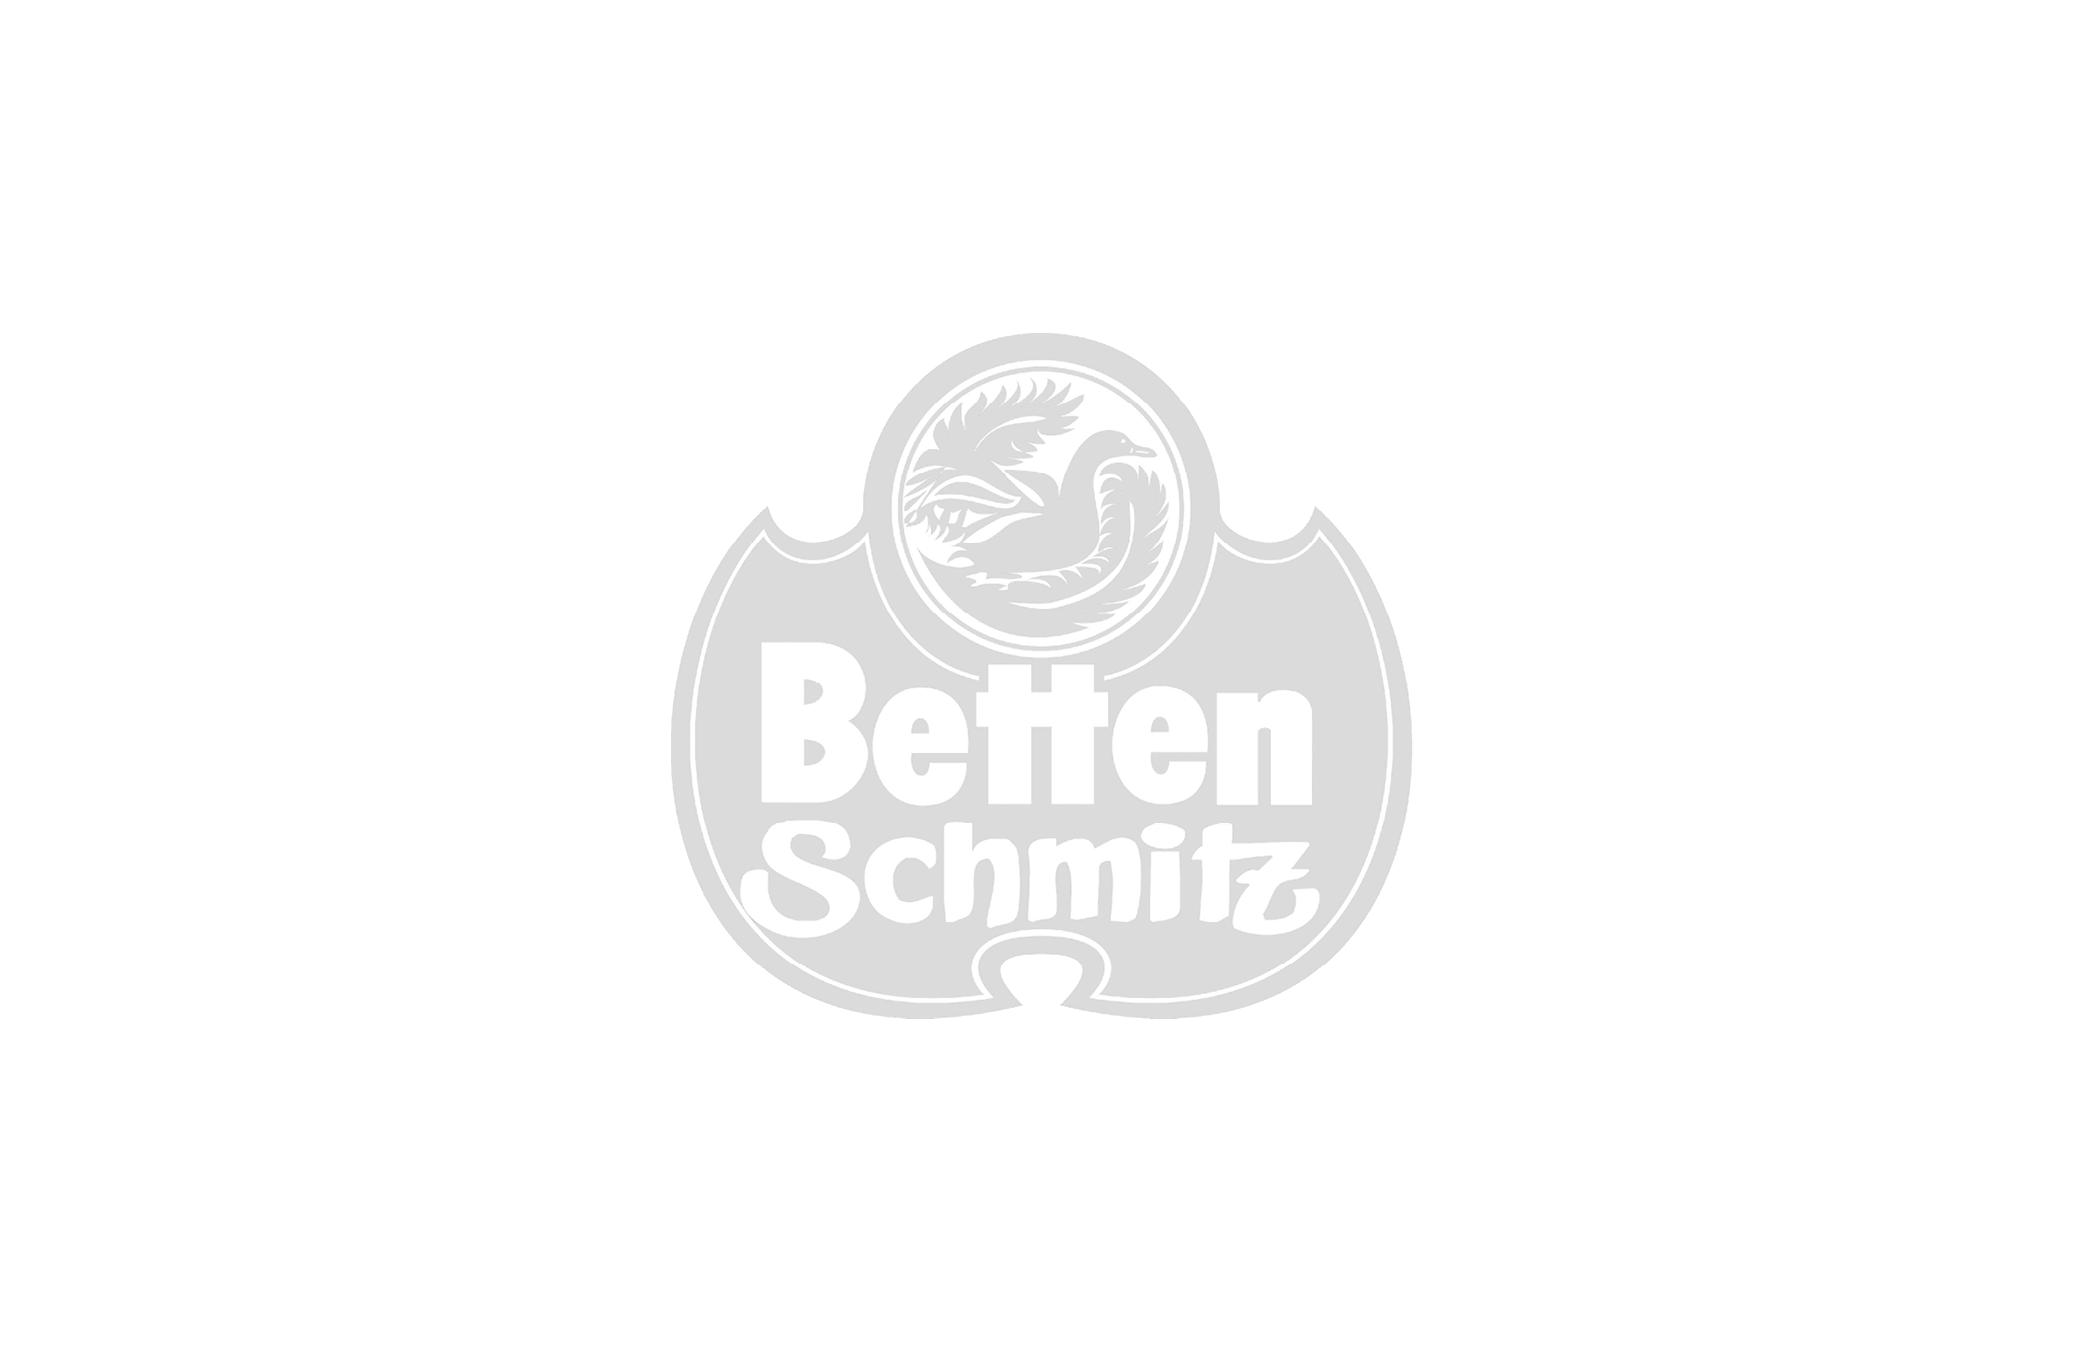 Betten Schmitz